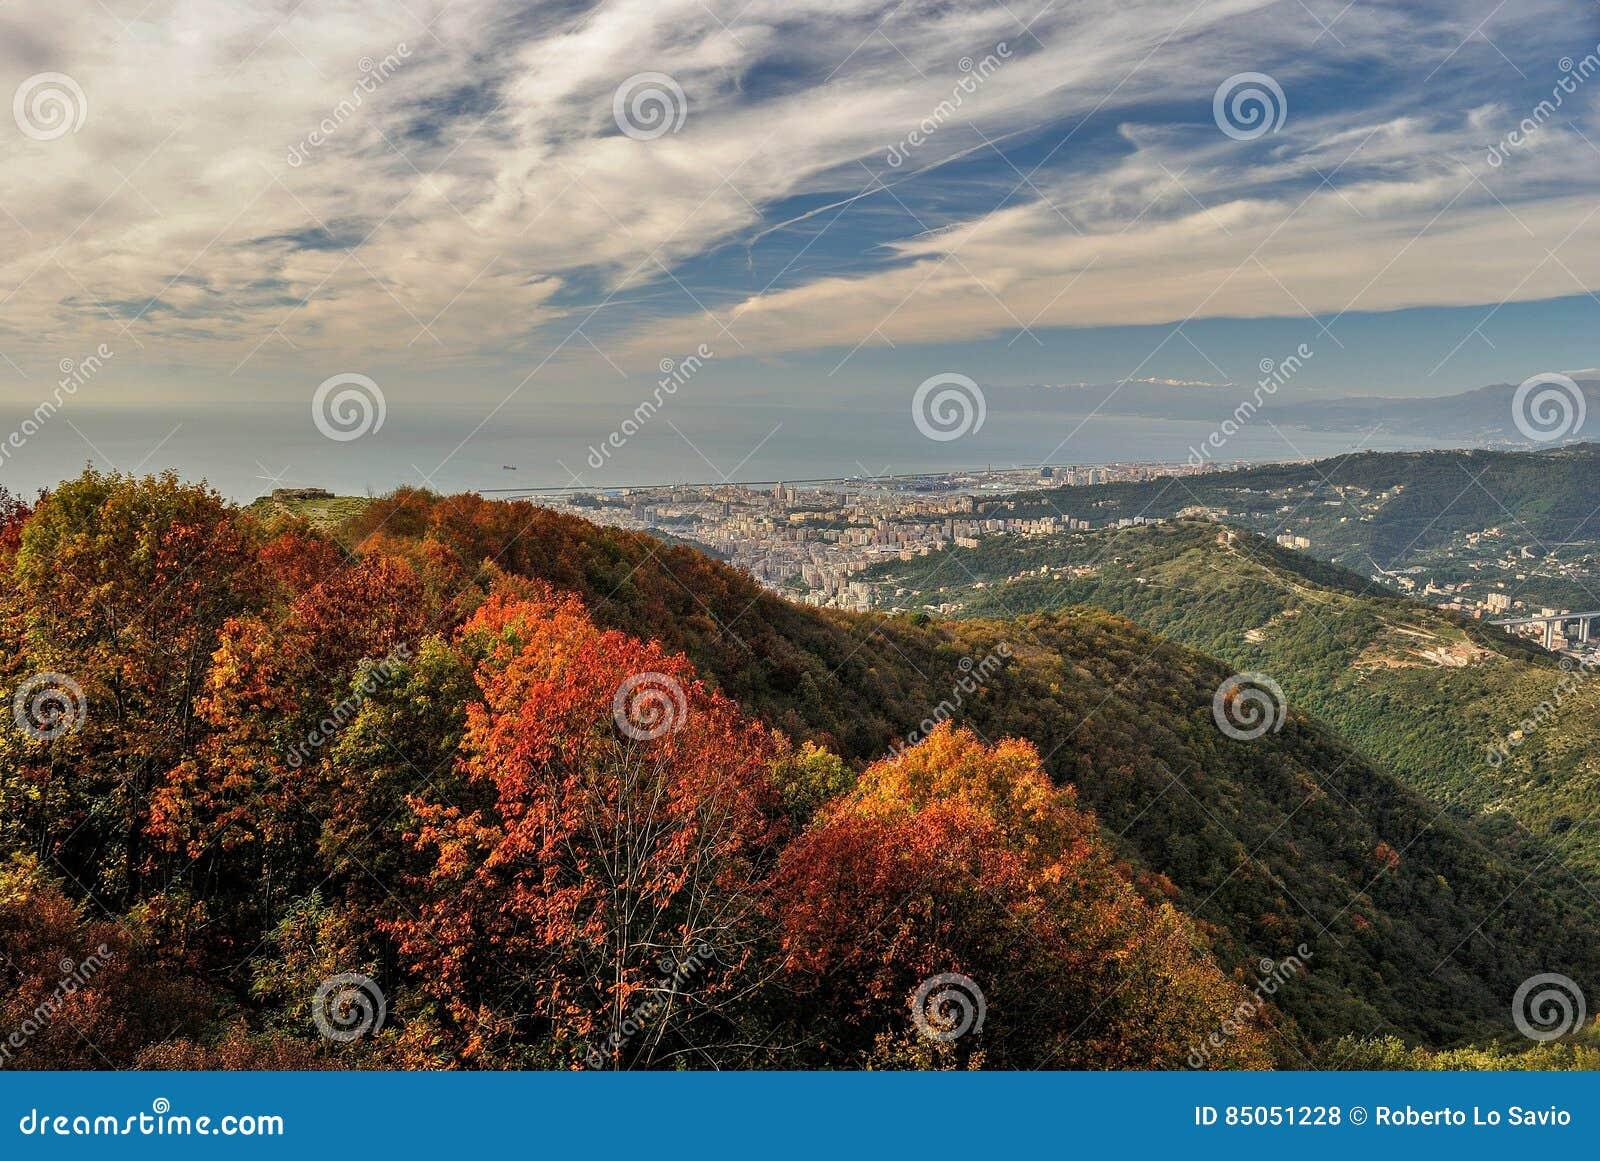 Vista panoramica di Genova veduta dalle colline circostanti durante la caduta